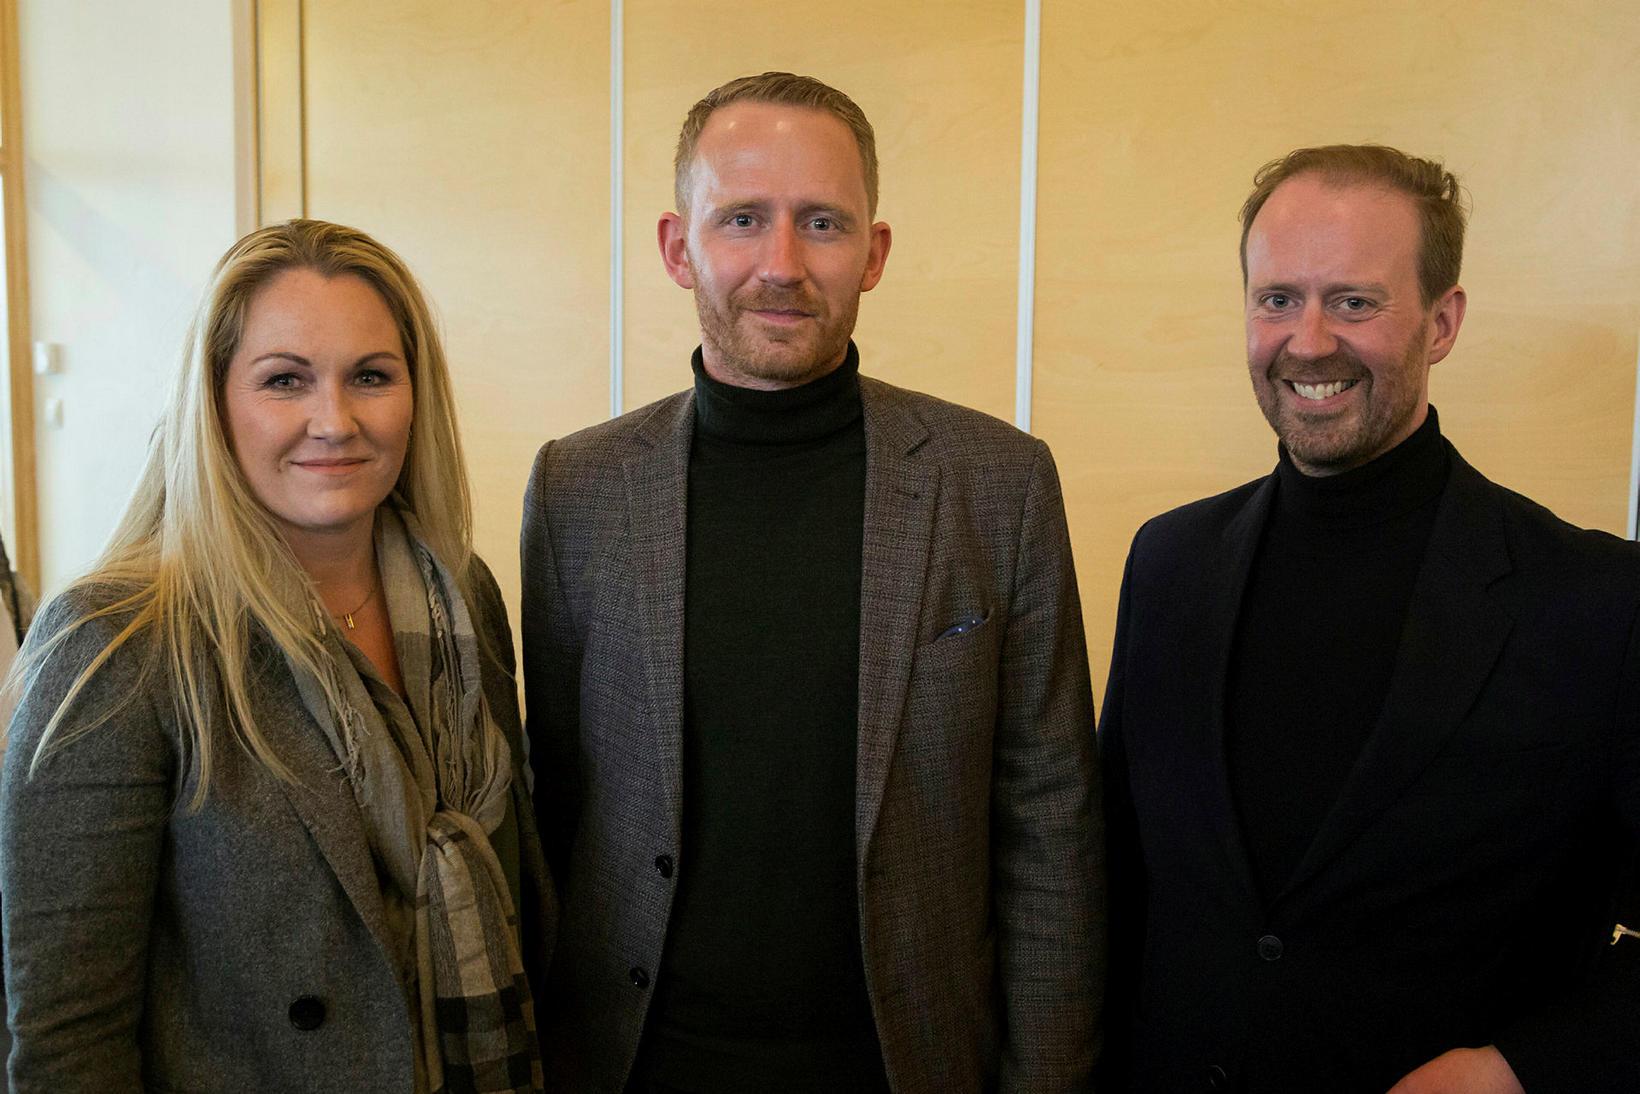 Svanhildur Hólm Valsdóttir, Hjalti Mogensen og Sigurður Hannesson.